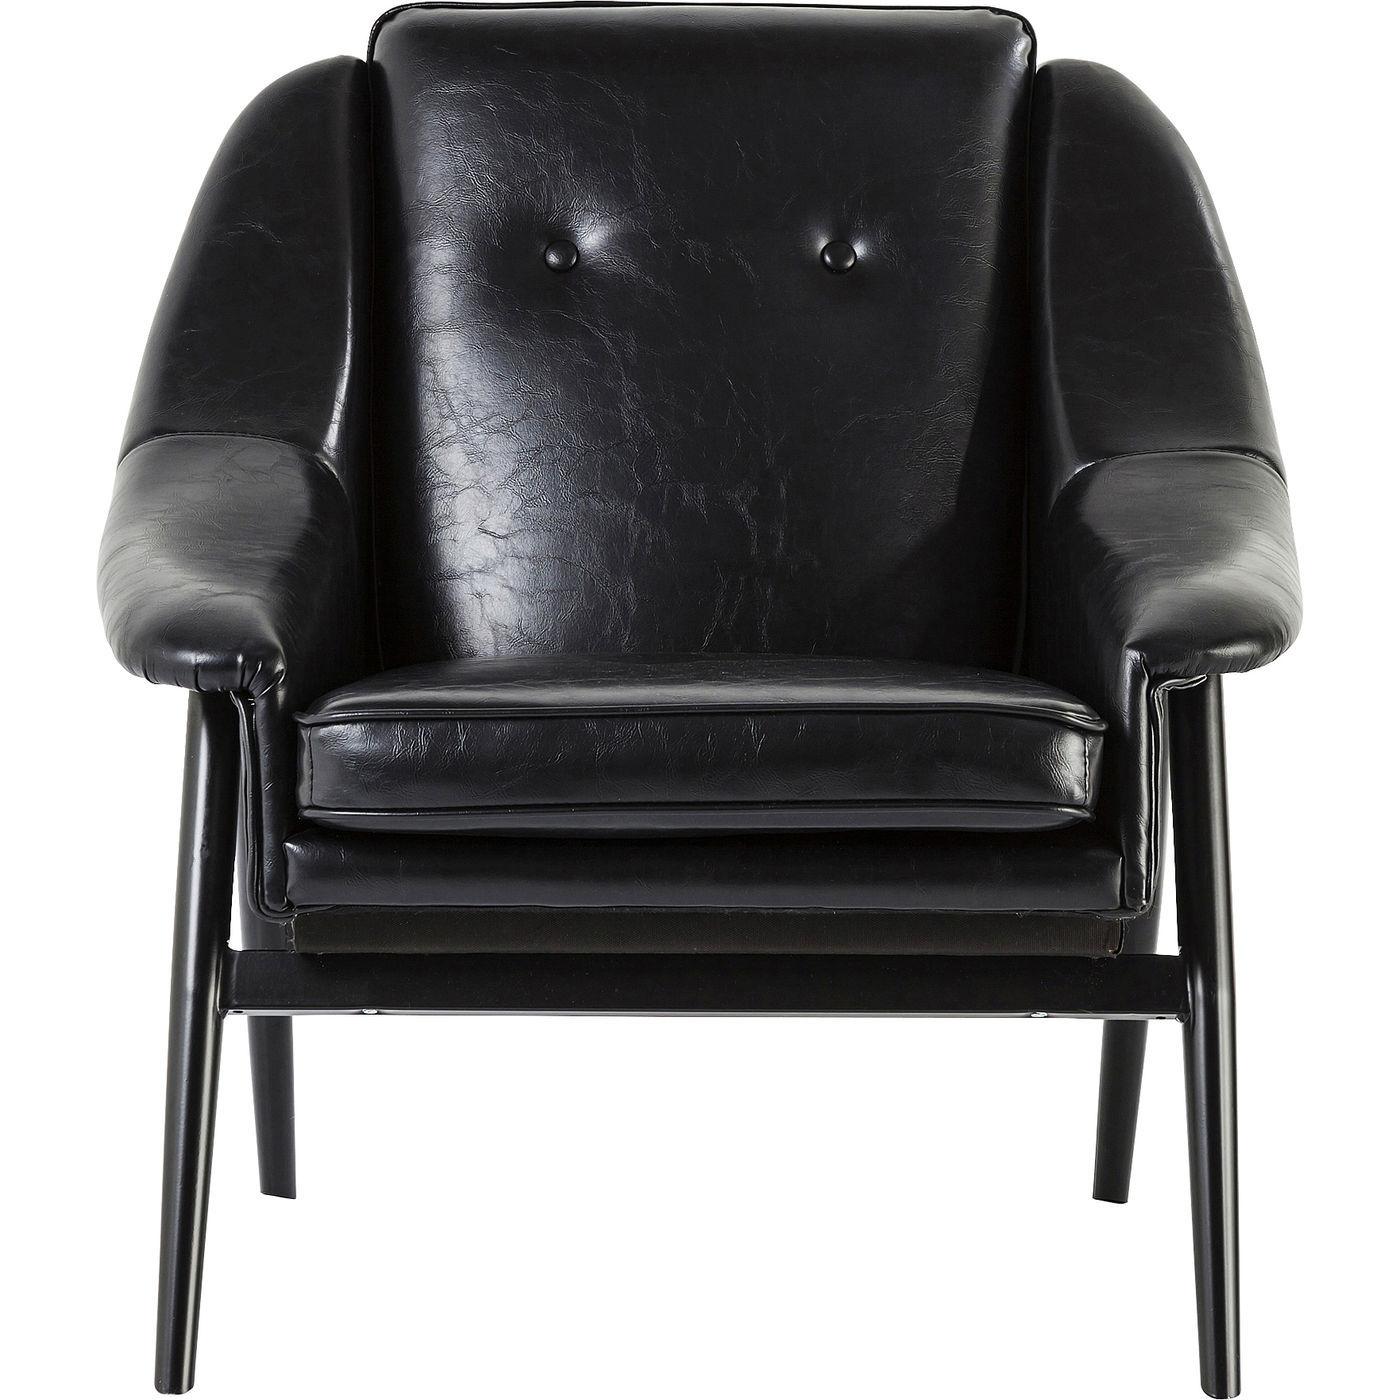 Billede af Kare Design Hvilestol m. Armlæn, Queens Black